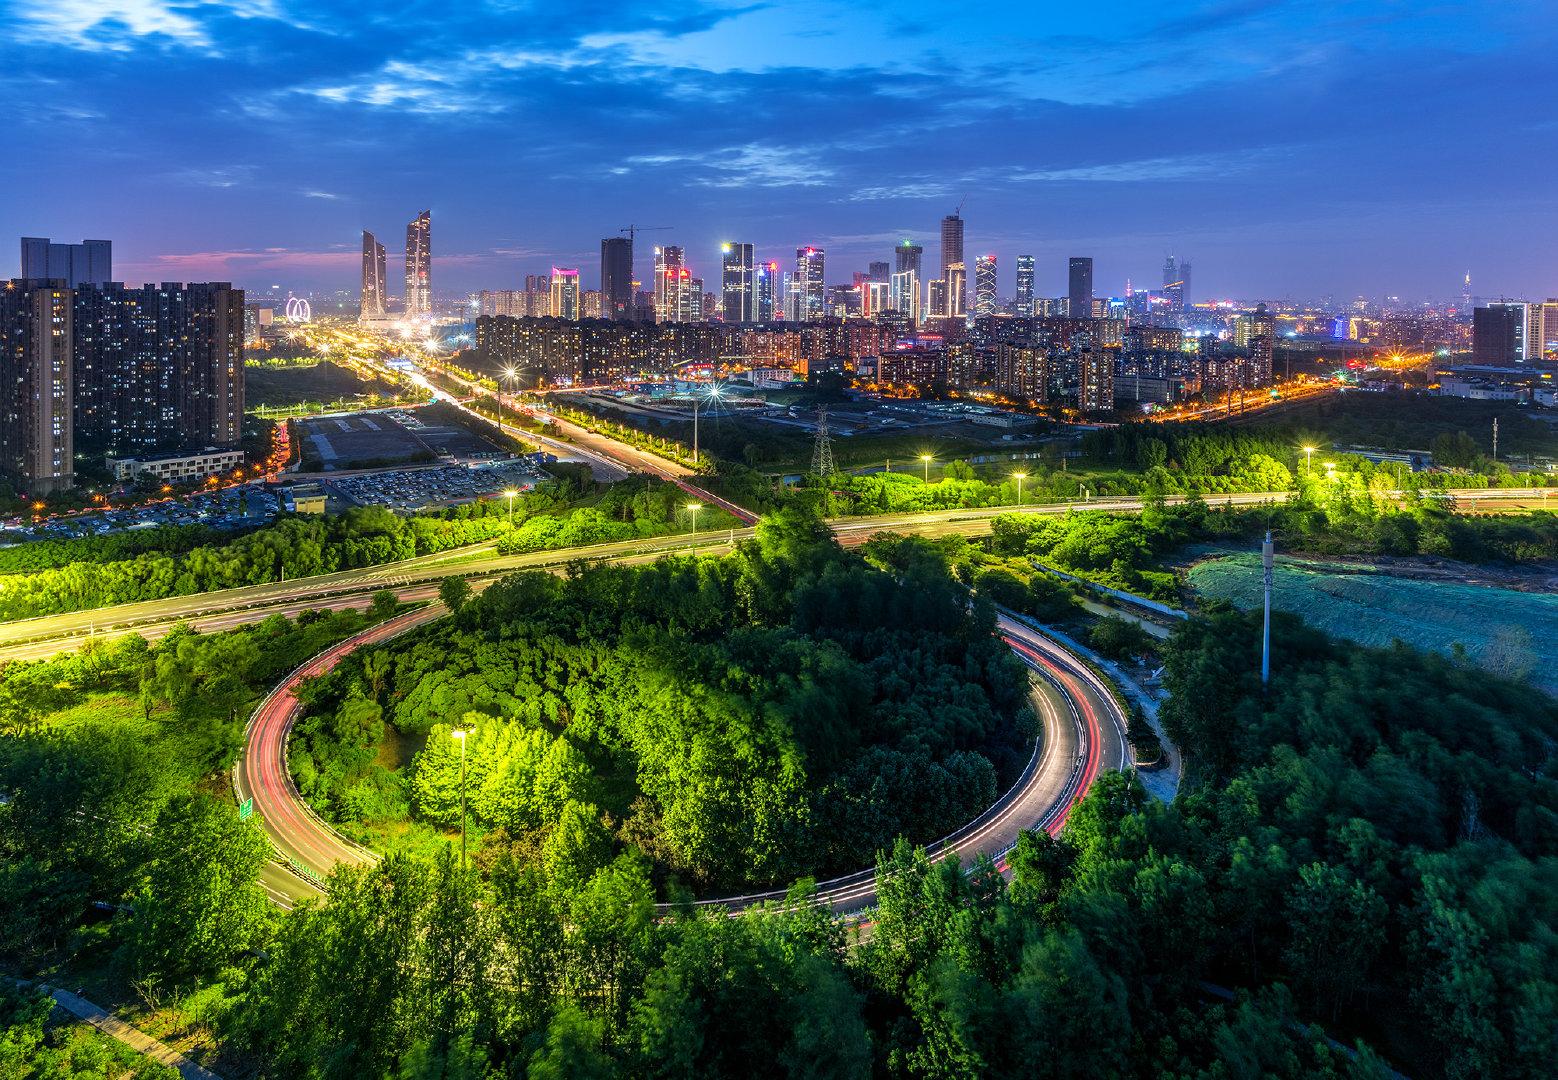 南京城市美景-阅江楼-河西金融城-三桥-长江大桥-中山陵-紫峰大厦-老